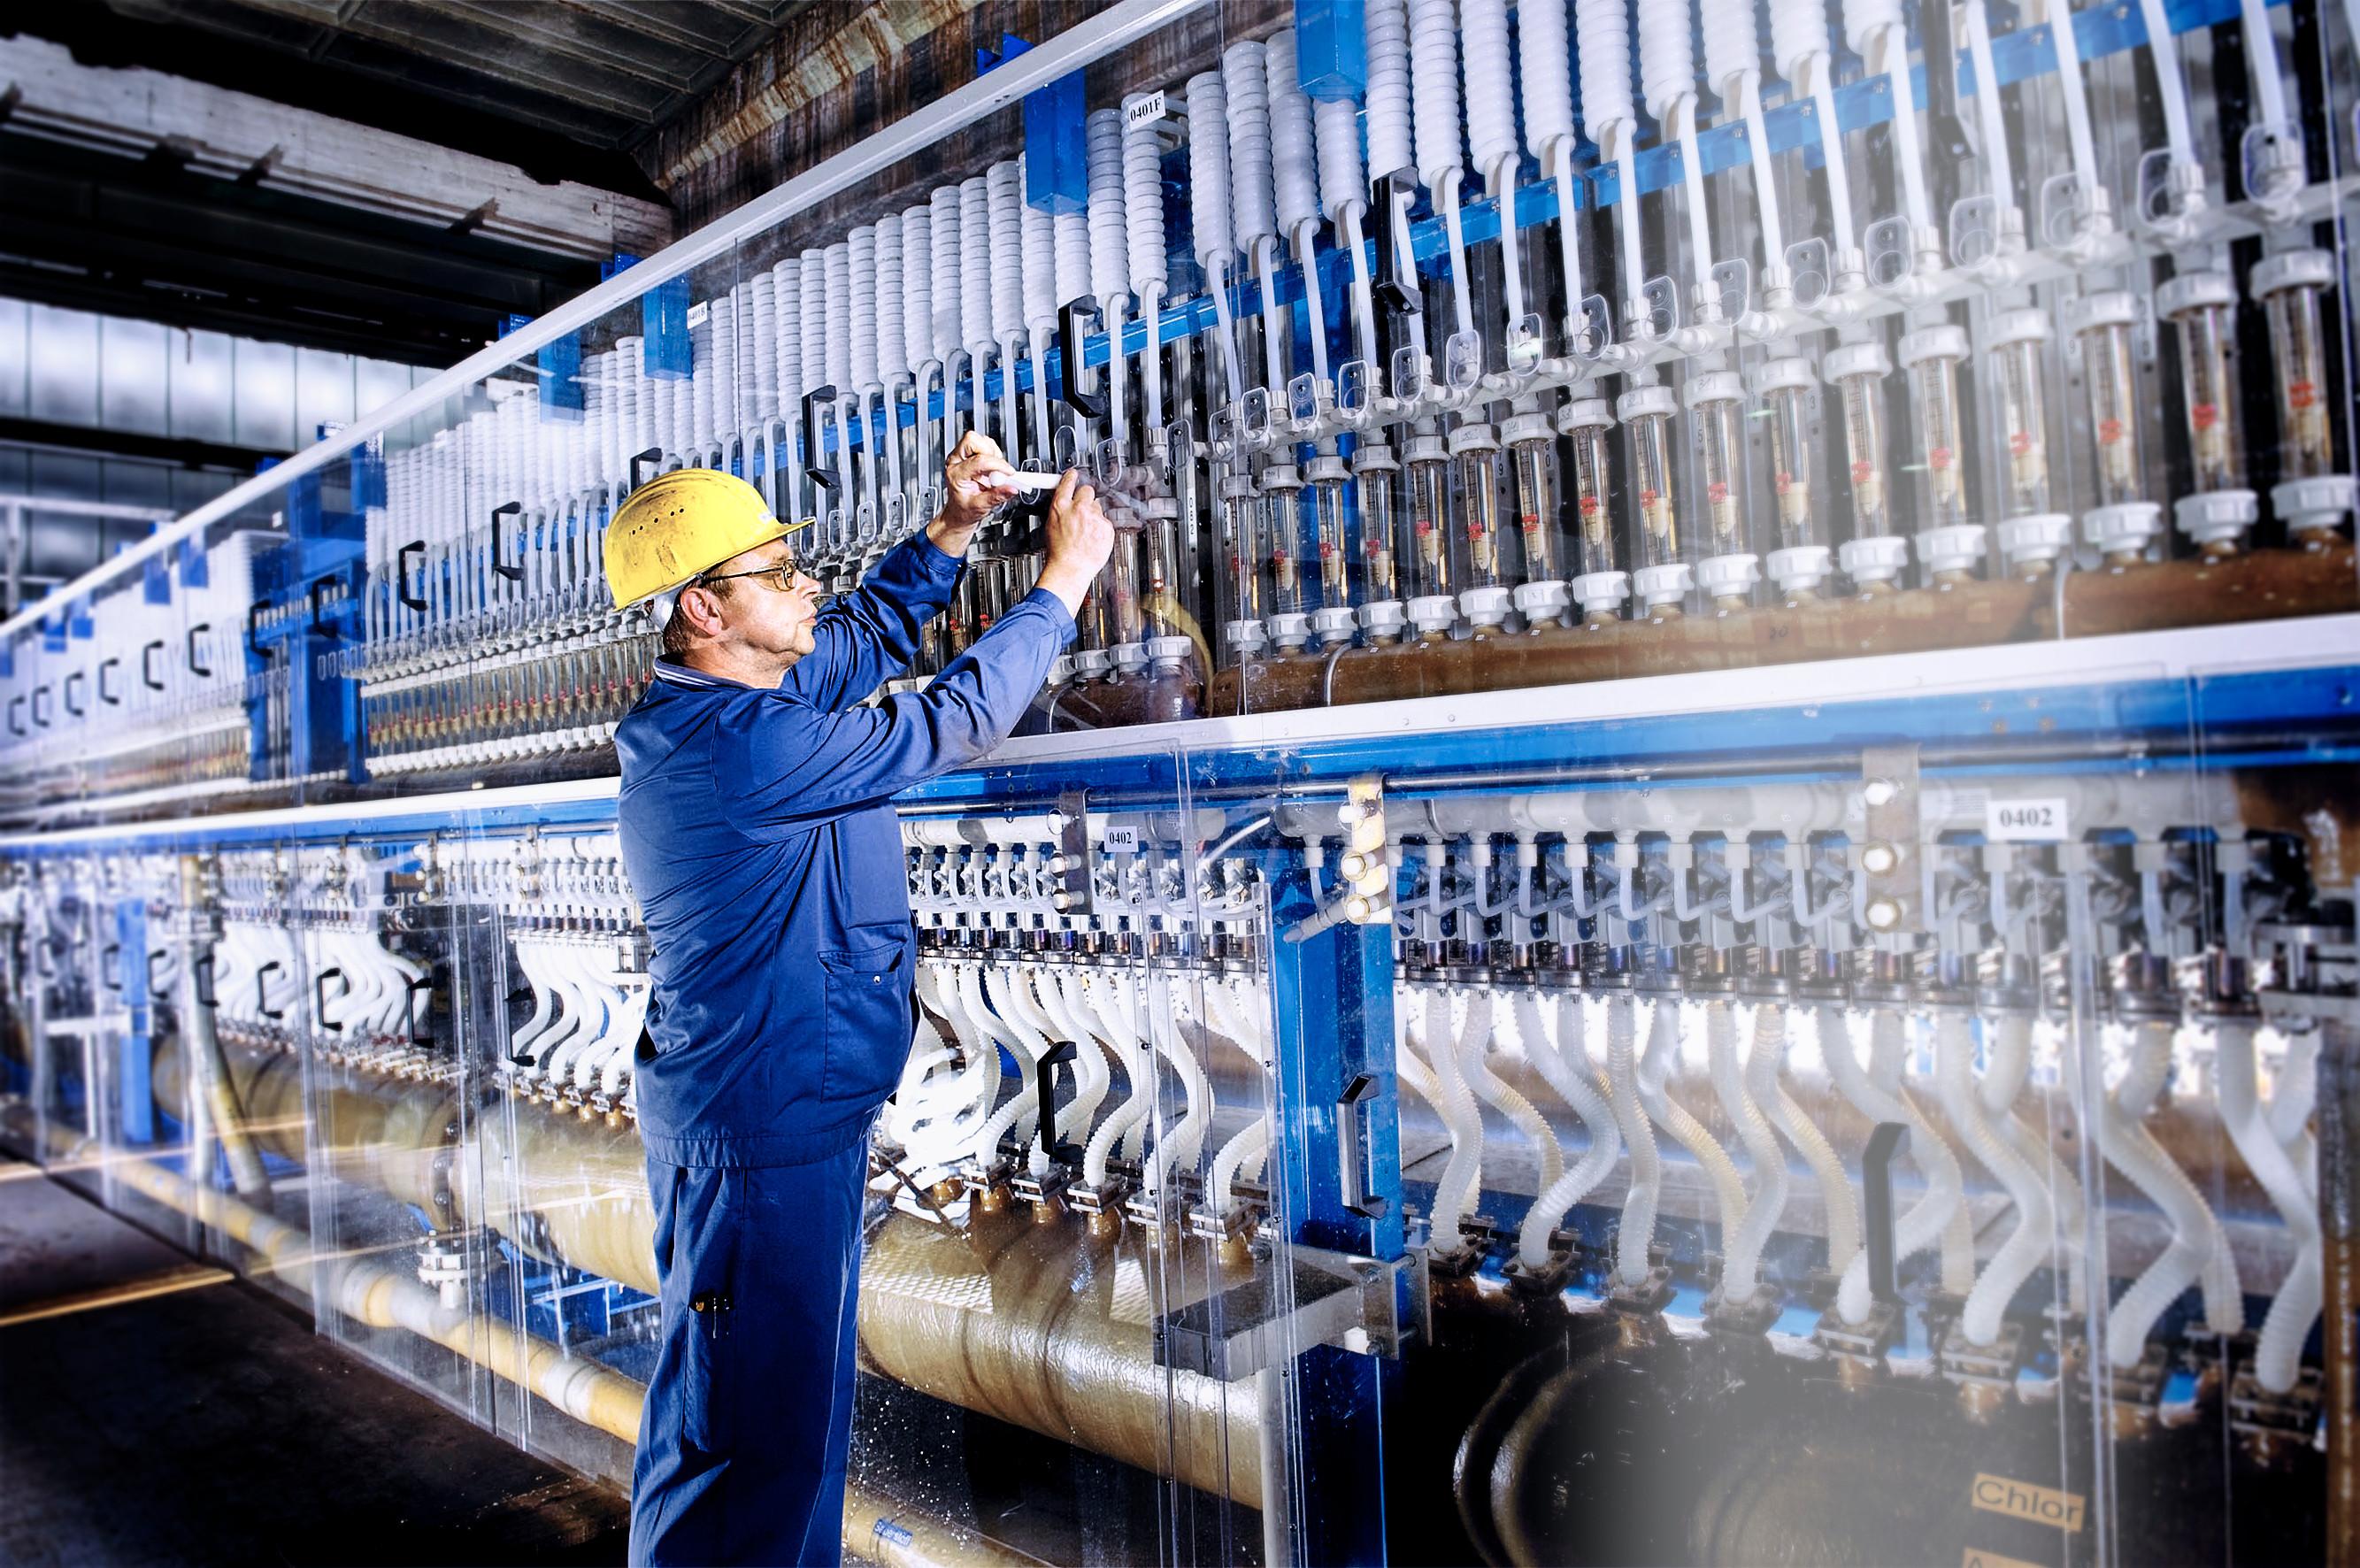 SVK-Technologie senkt Energieverbrauch und Emissionen in der Chlorproduktion